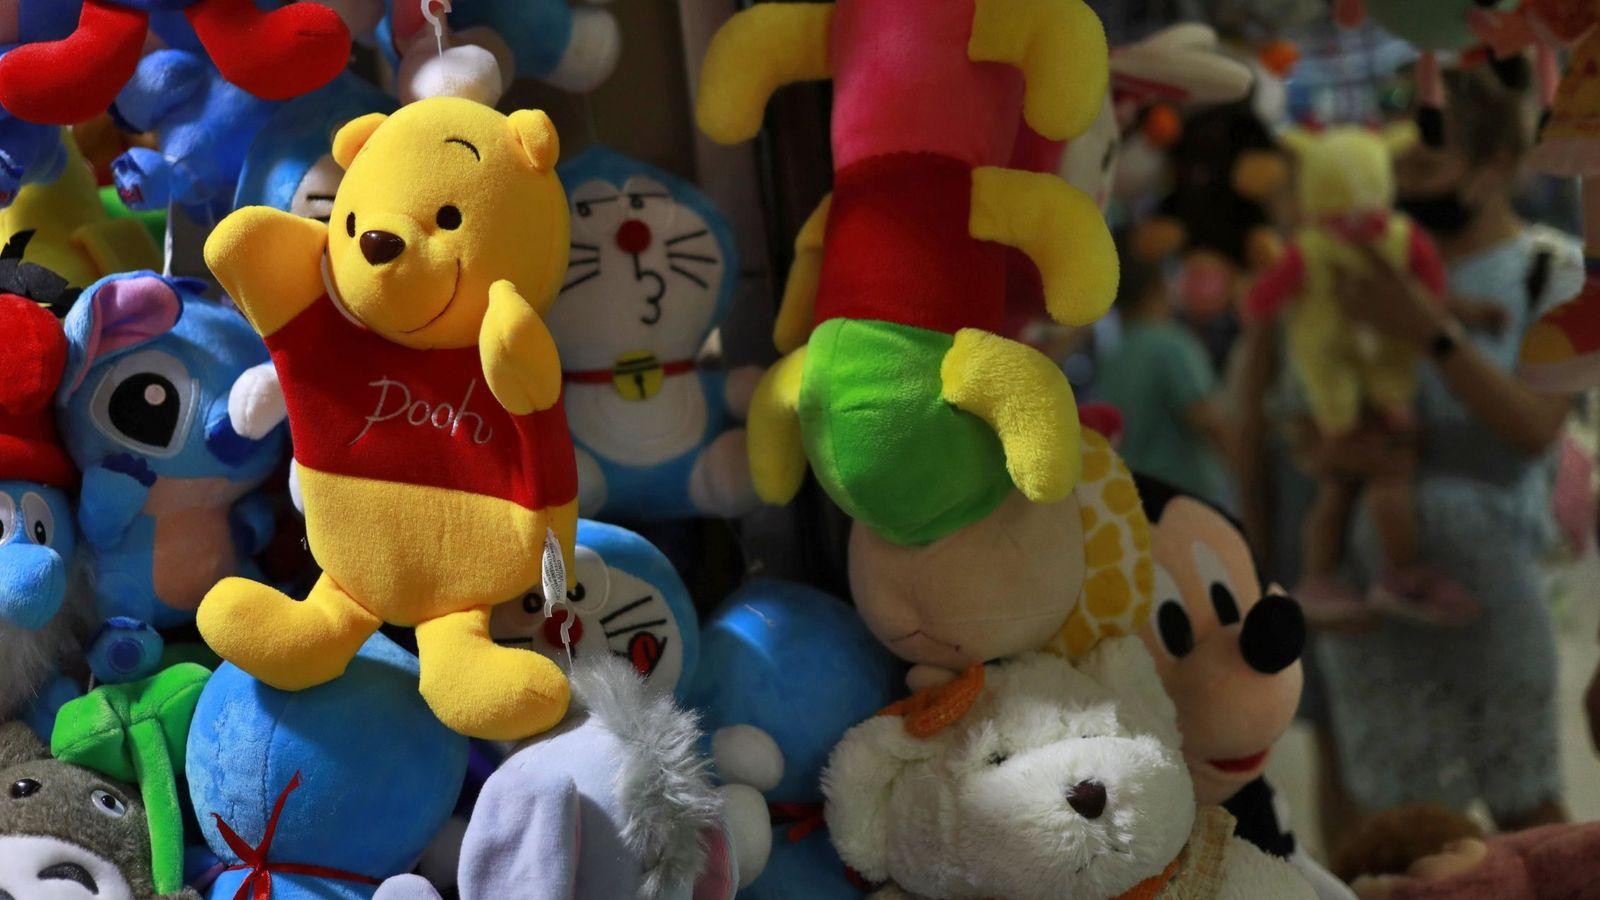 b00f0f50c Noticias de China: Por qué el oso Winnie the Pooh está censurado en China